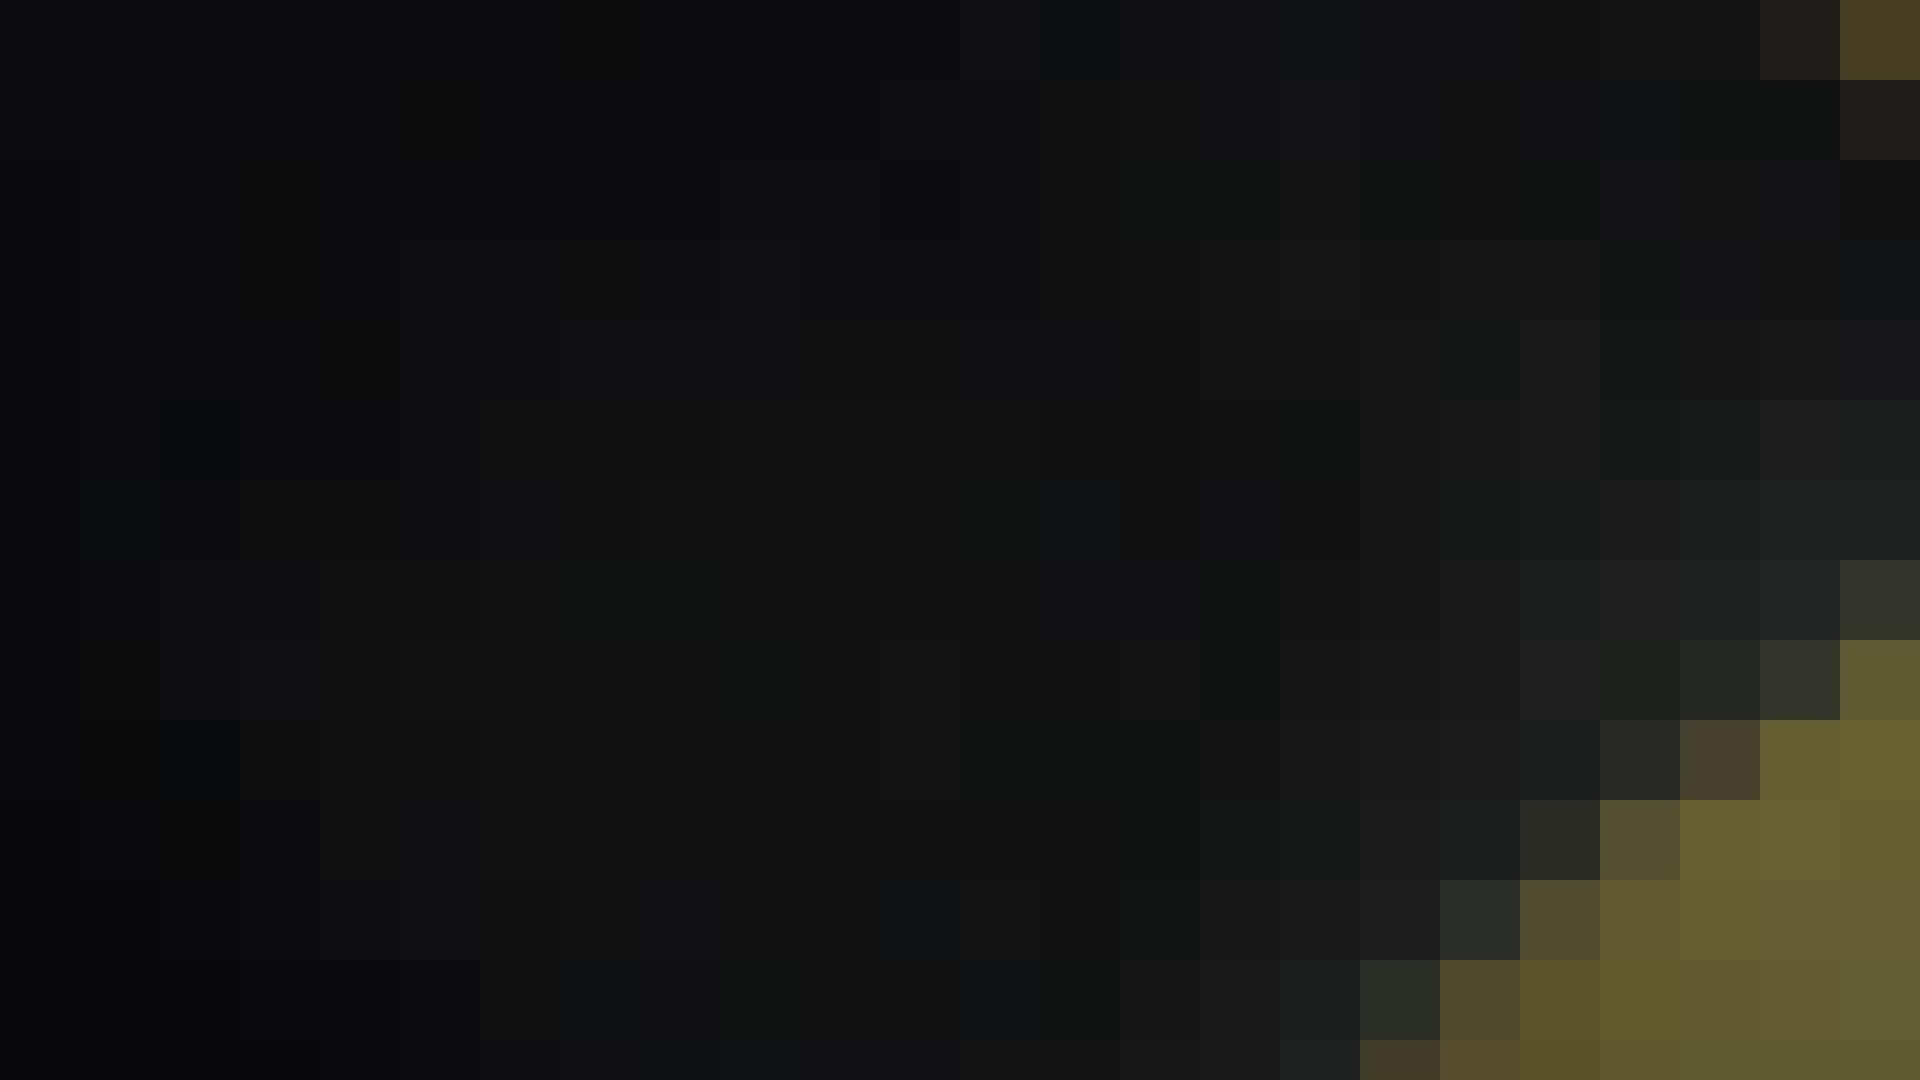 阿国ちゃんの「和式洋式七変化」No.17 美女  102PIX 58